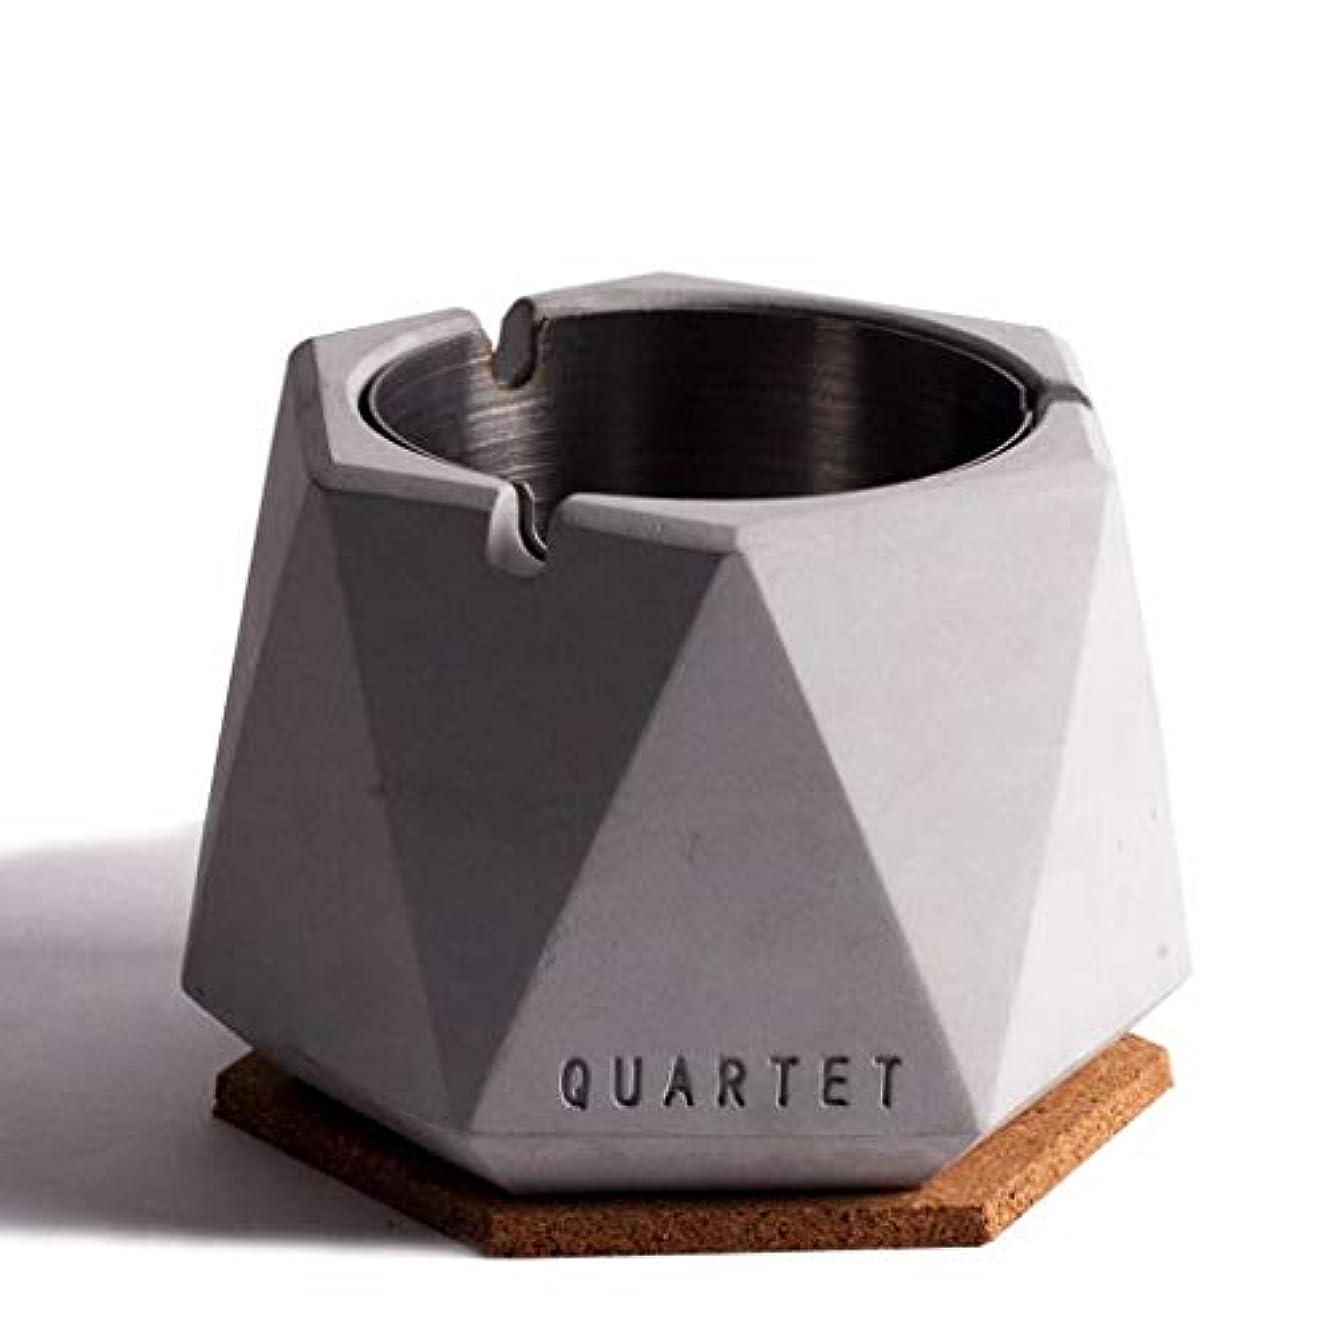 理解泣き叫ぶシチリア北欧シンプル風ステンレス鋼セメント灰皿人格クリエイティブホテルインターネットカフェバー北欧産業風ふた付き灰皿 QYSZYG (Color : C)